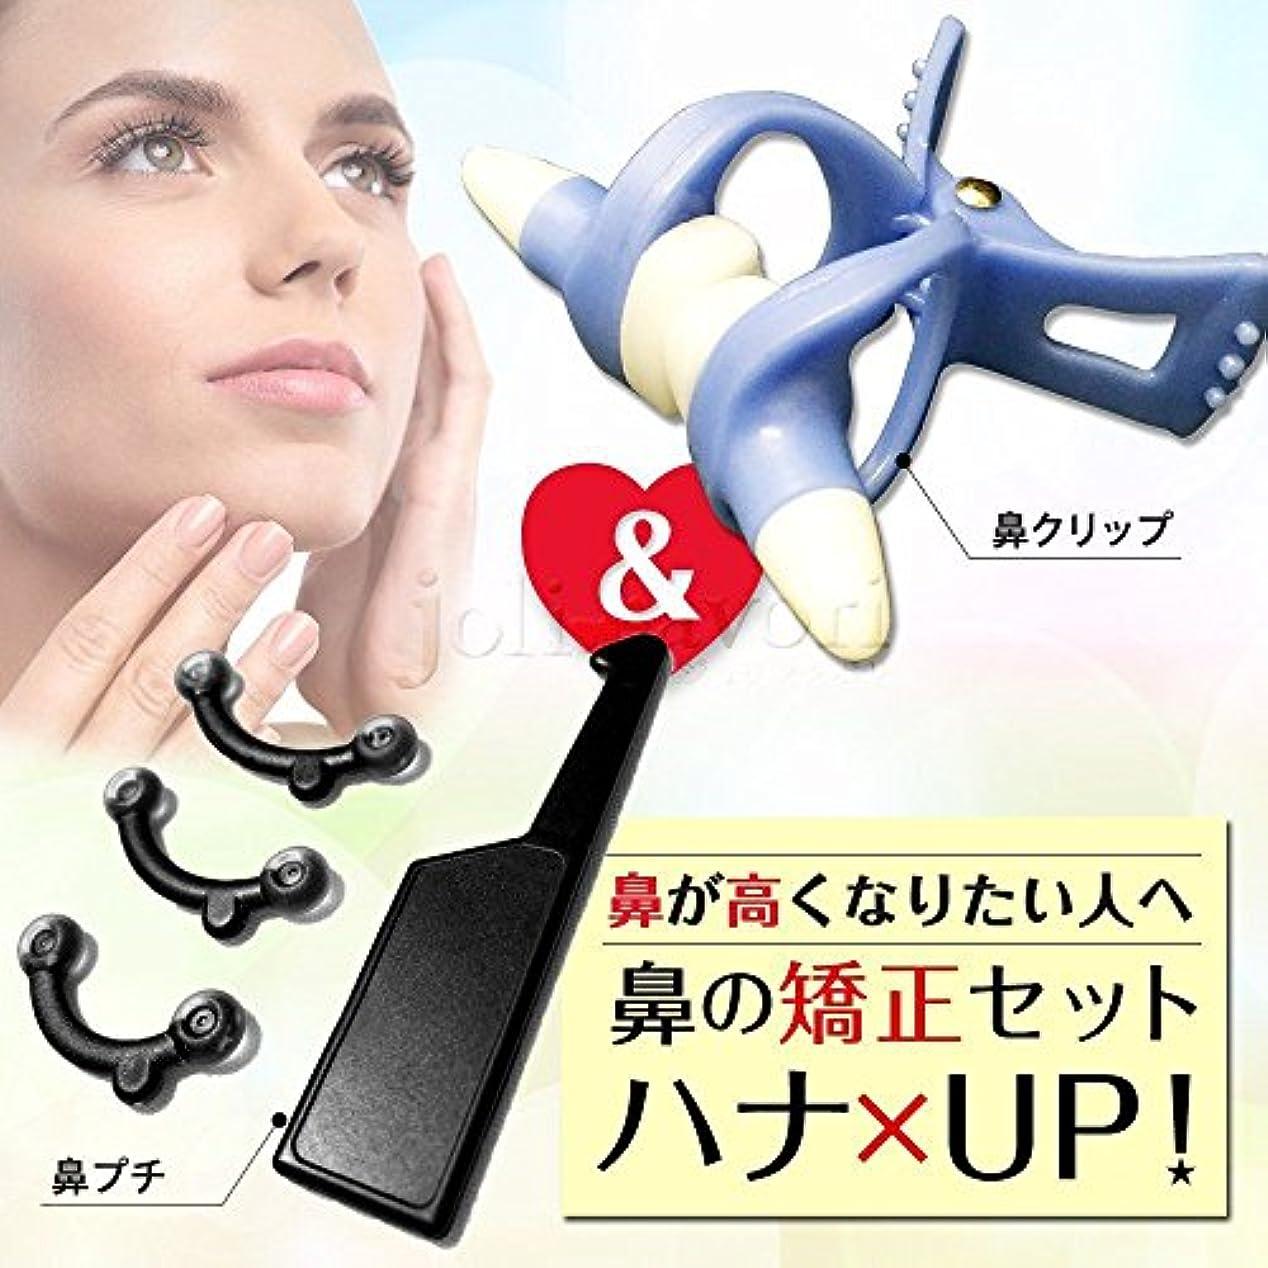 化石借りている囲い【jolifavori】鼻プチ&ノーズアップ 着けるだけ簡単!鼻メイク矯正セット